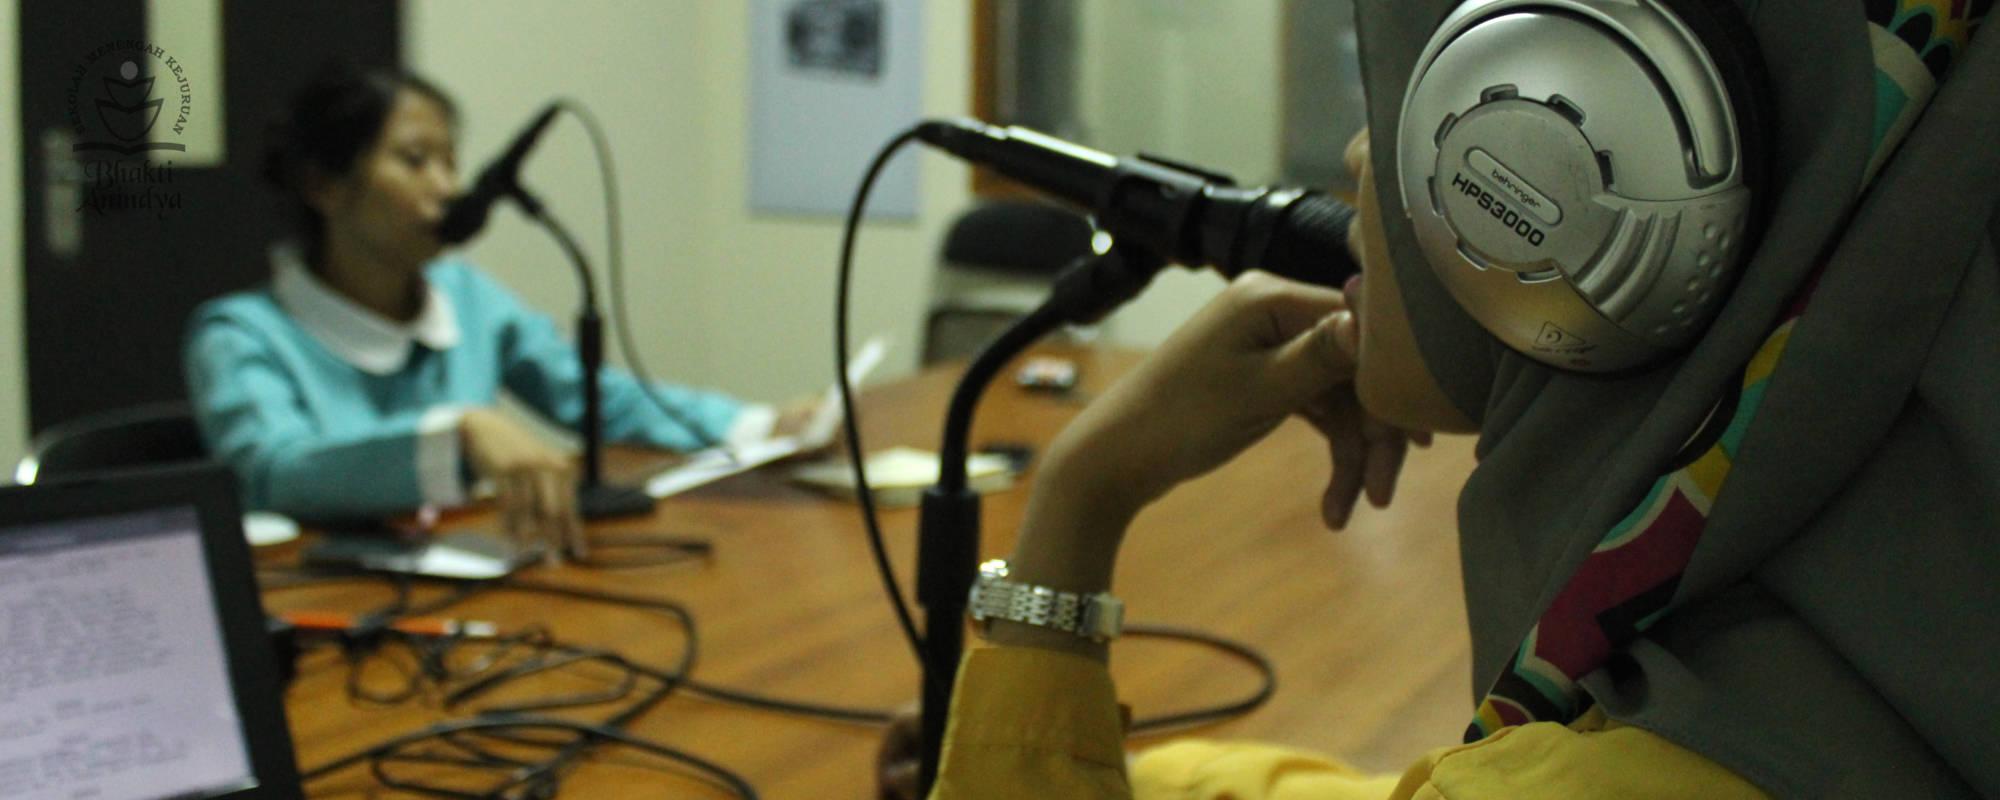 Ant Radio - Radio Komunitas SMK Bhakti Anindya Tangerang